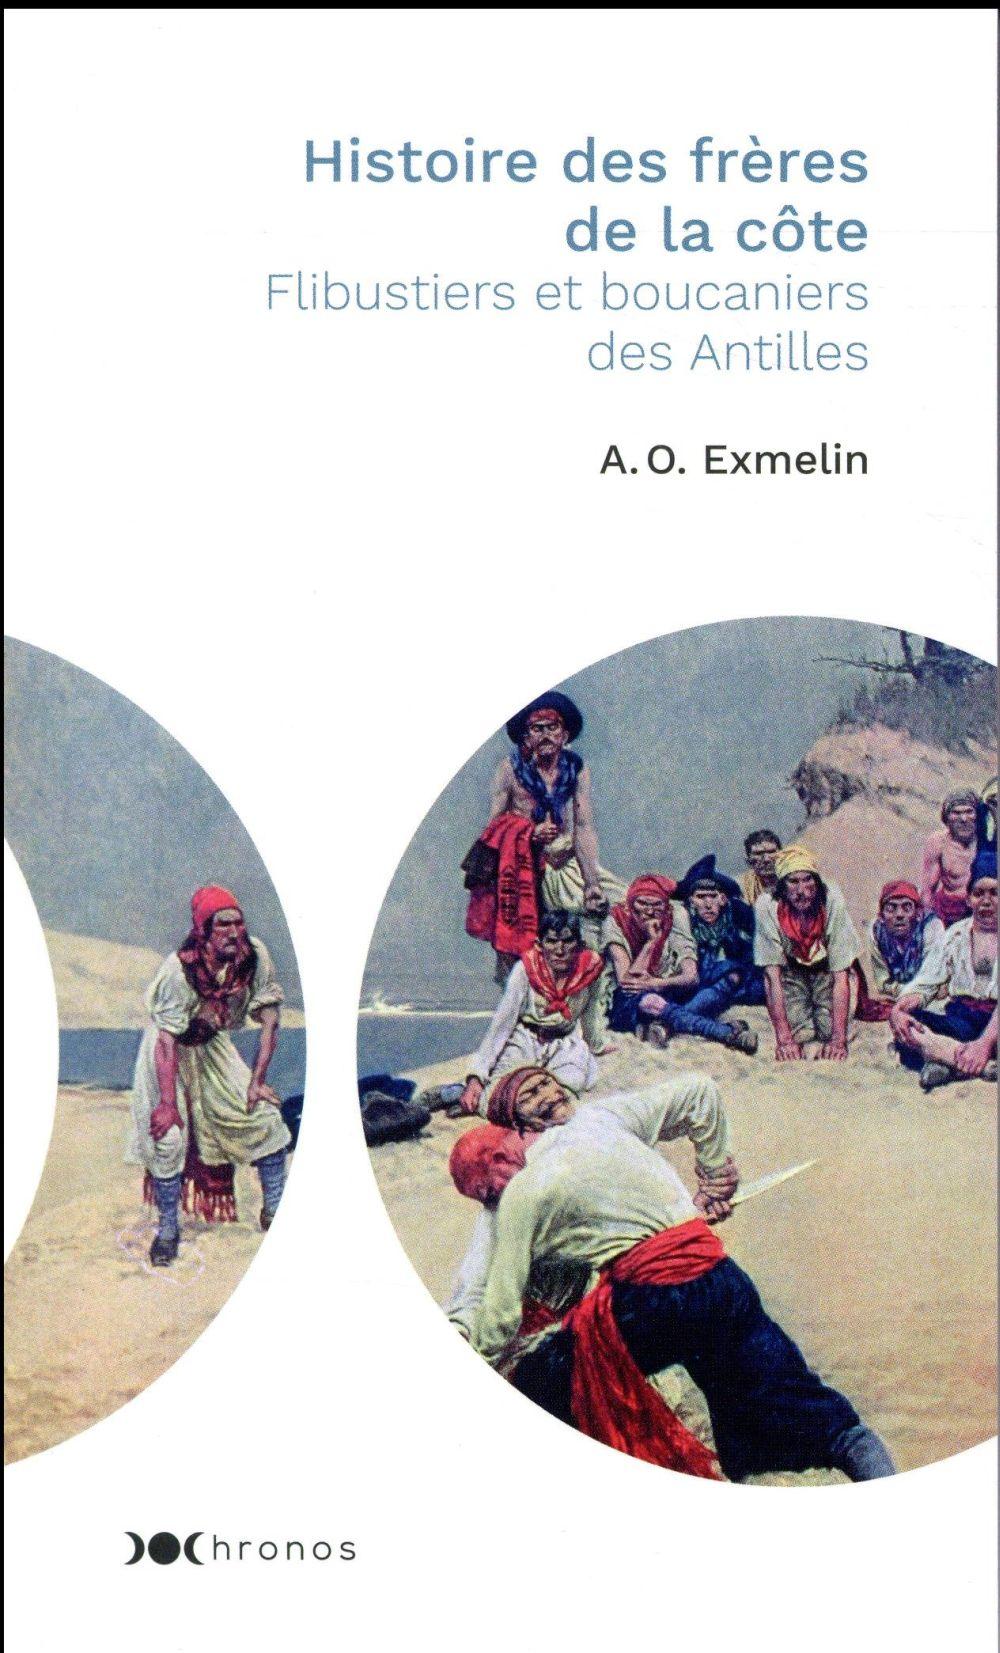 HISTOIRE DES FRERES DE LA COTE